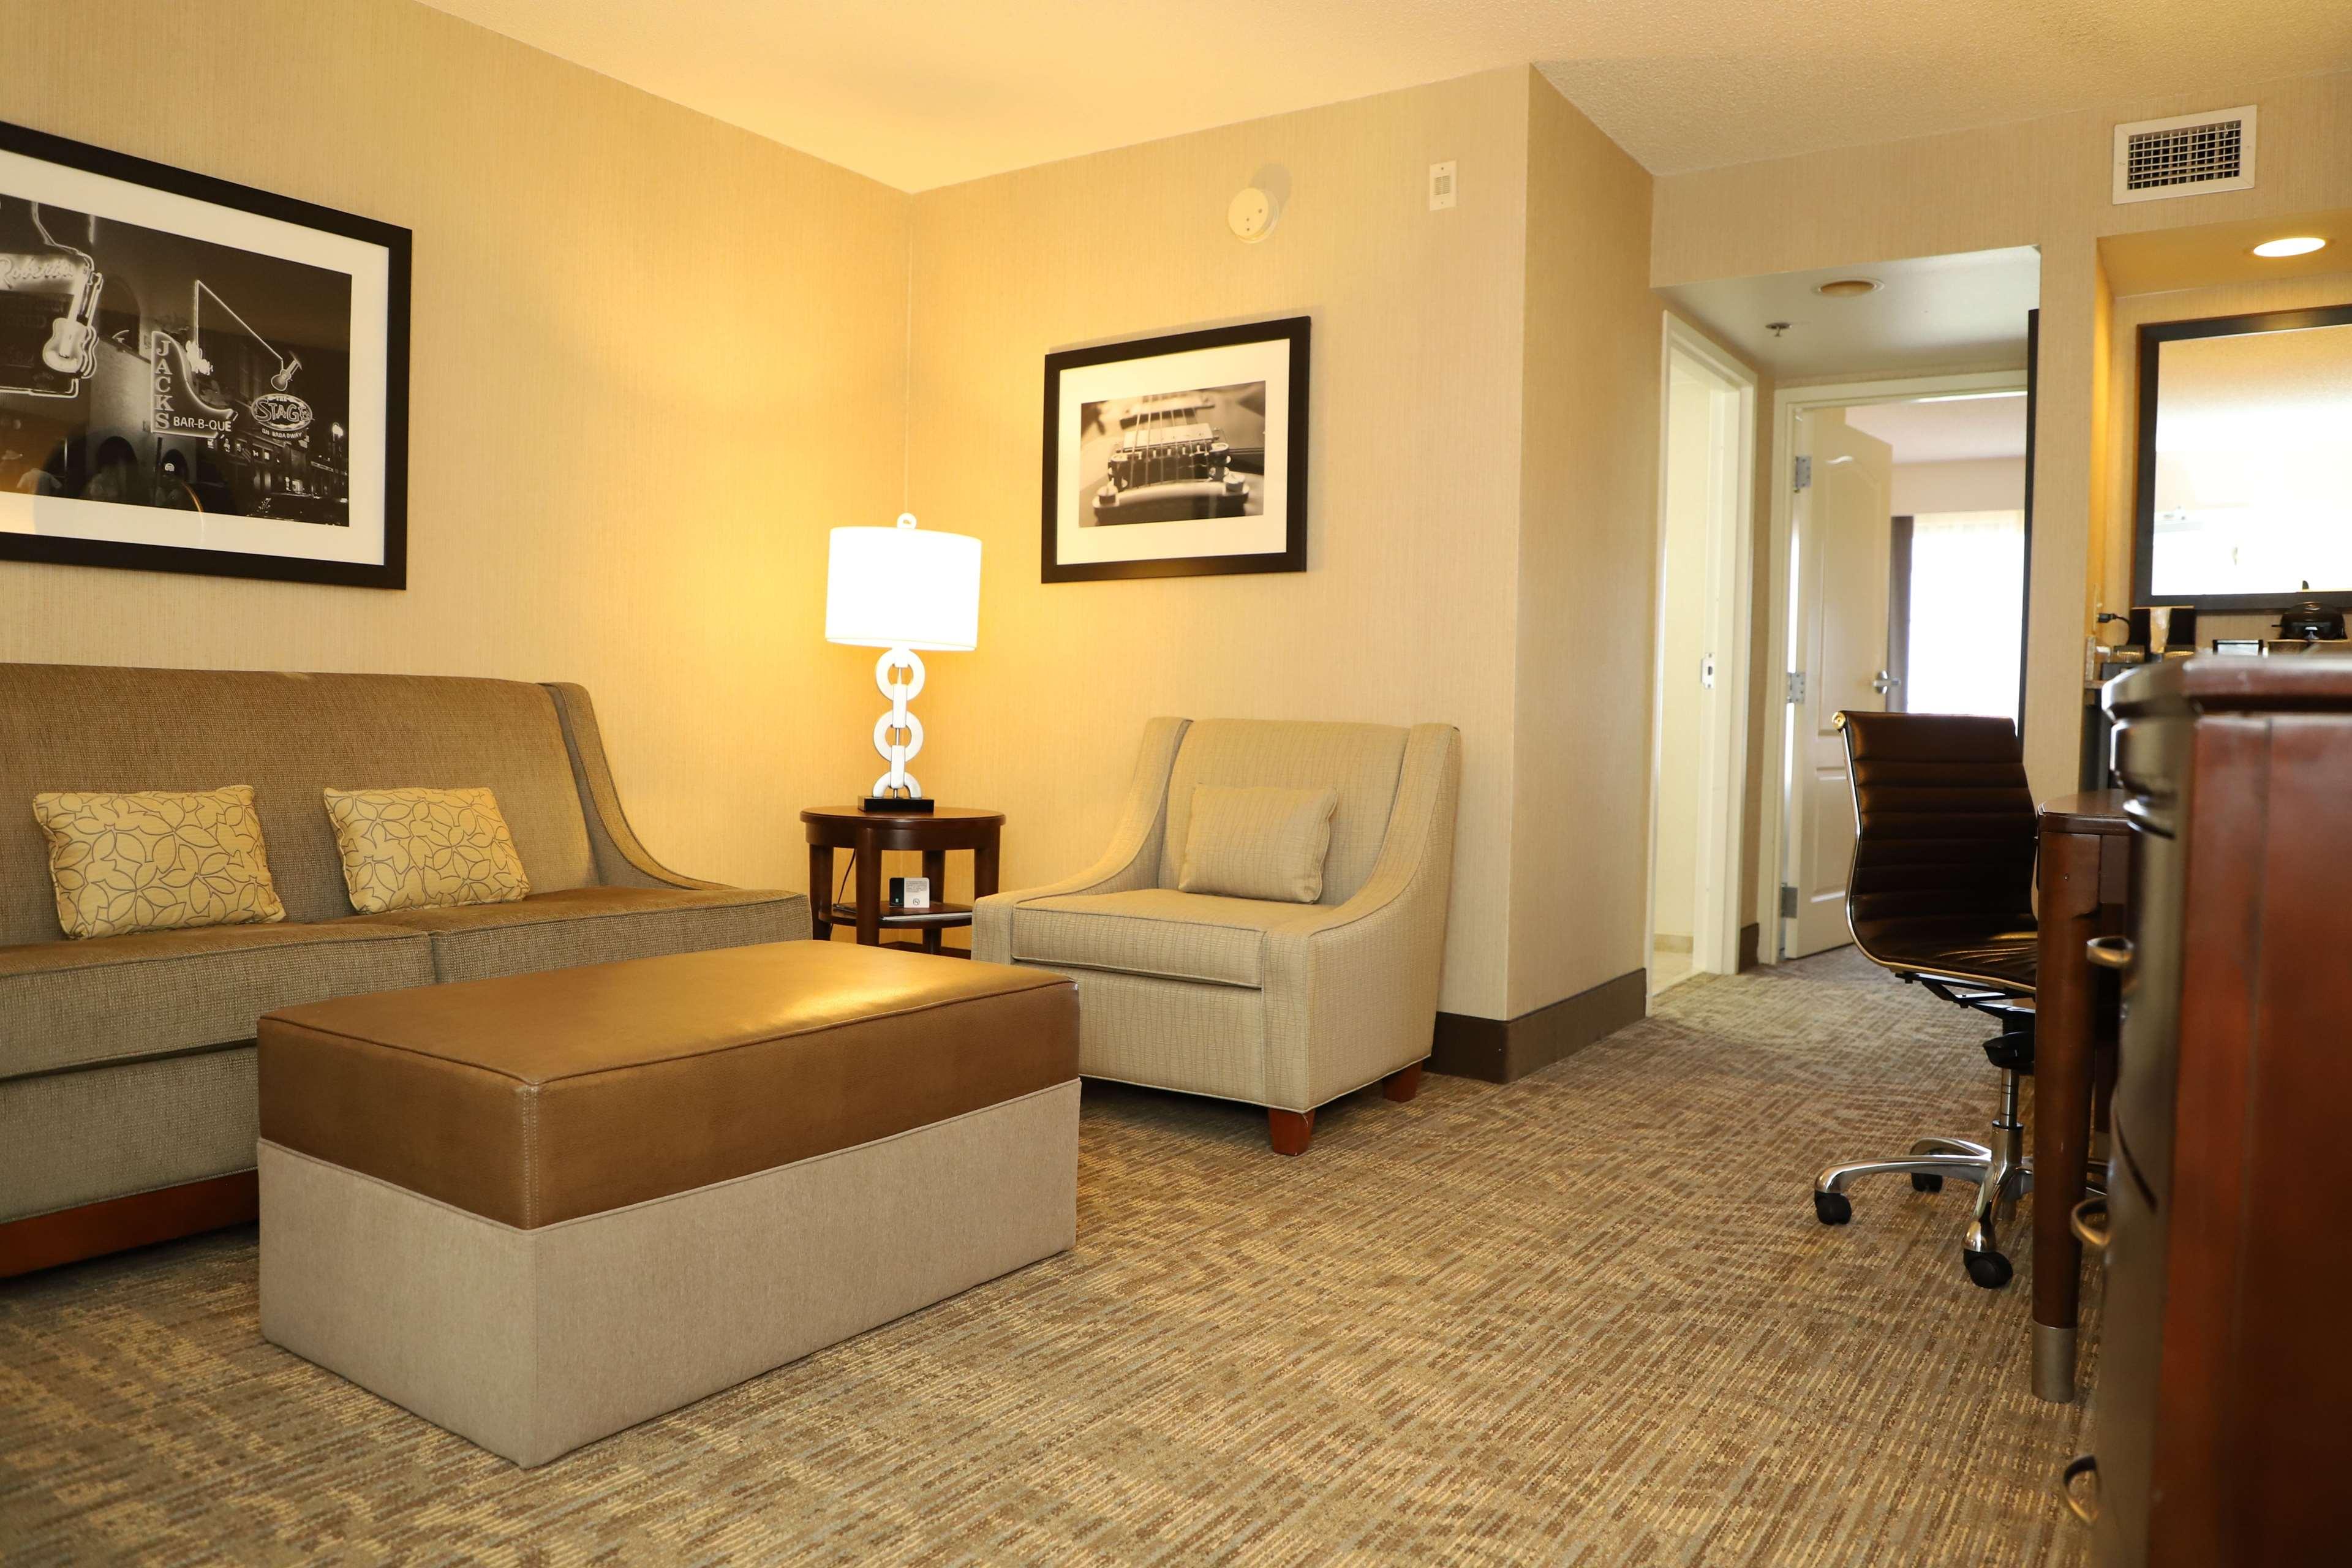 Embassy Suites by Hilton Nashville at Vanderbilt image 35